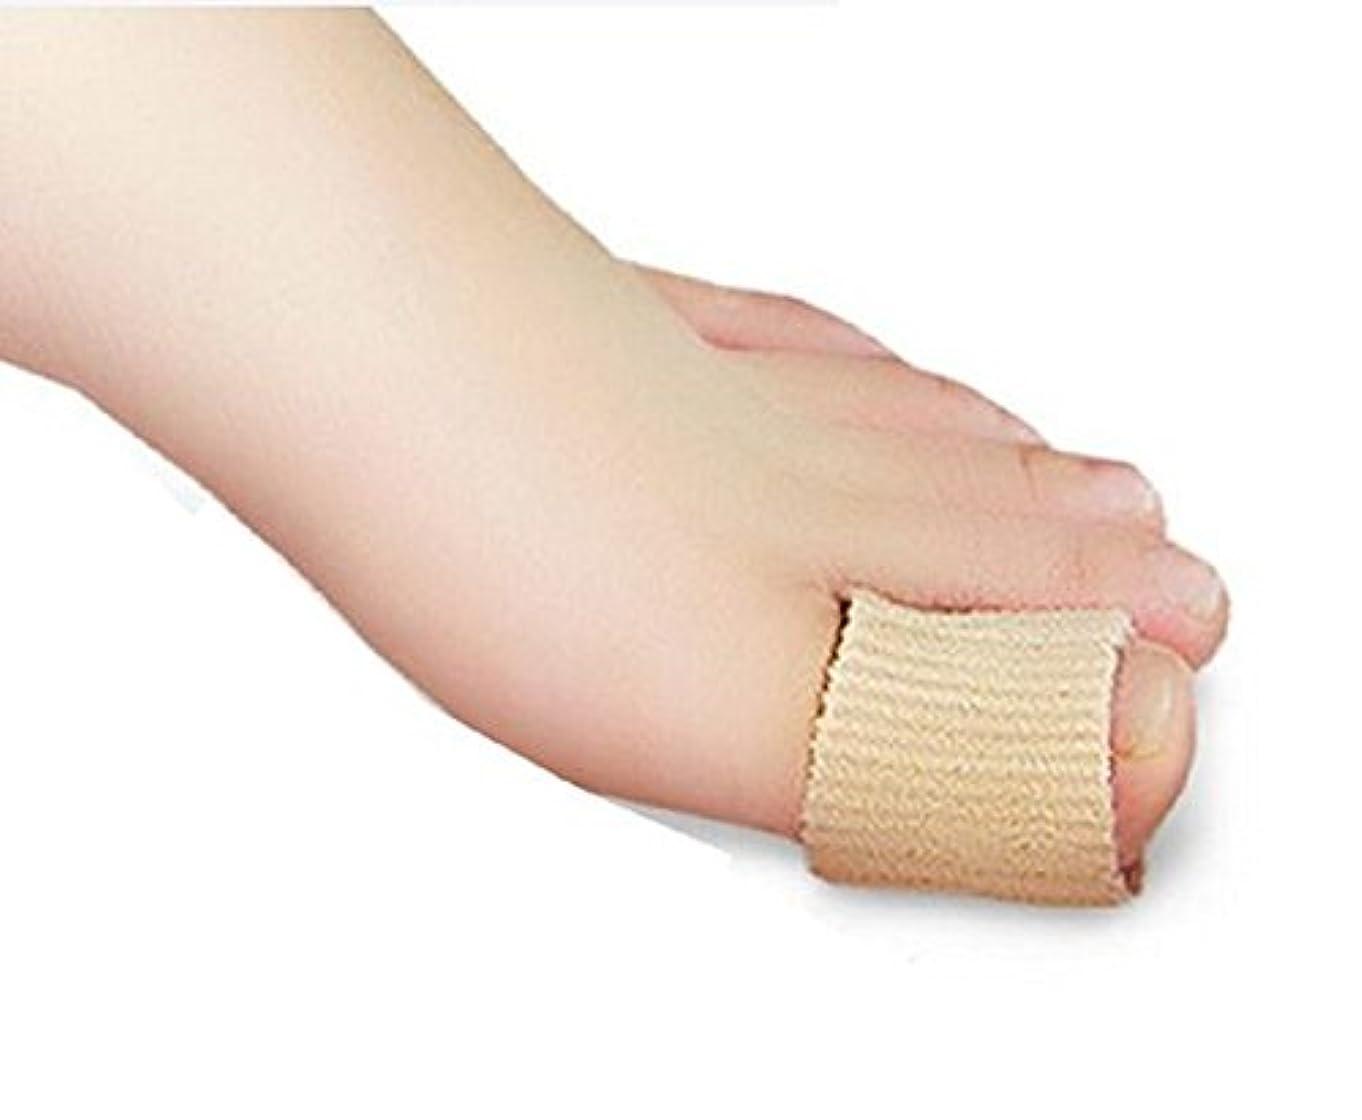 タービン連邦失速I BECOME FREE 足指保護パッド 手の指 突き指 足まめ マメ 水虫 腫れ 内部のジェルで優しく包みます